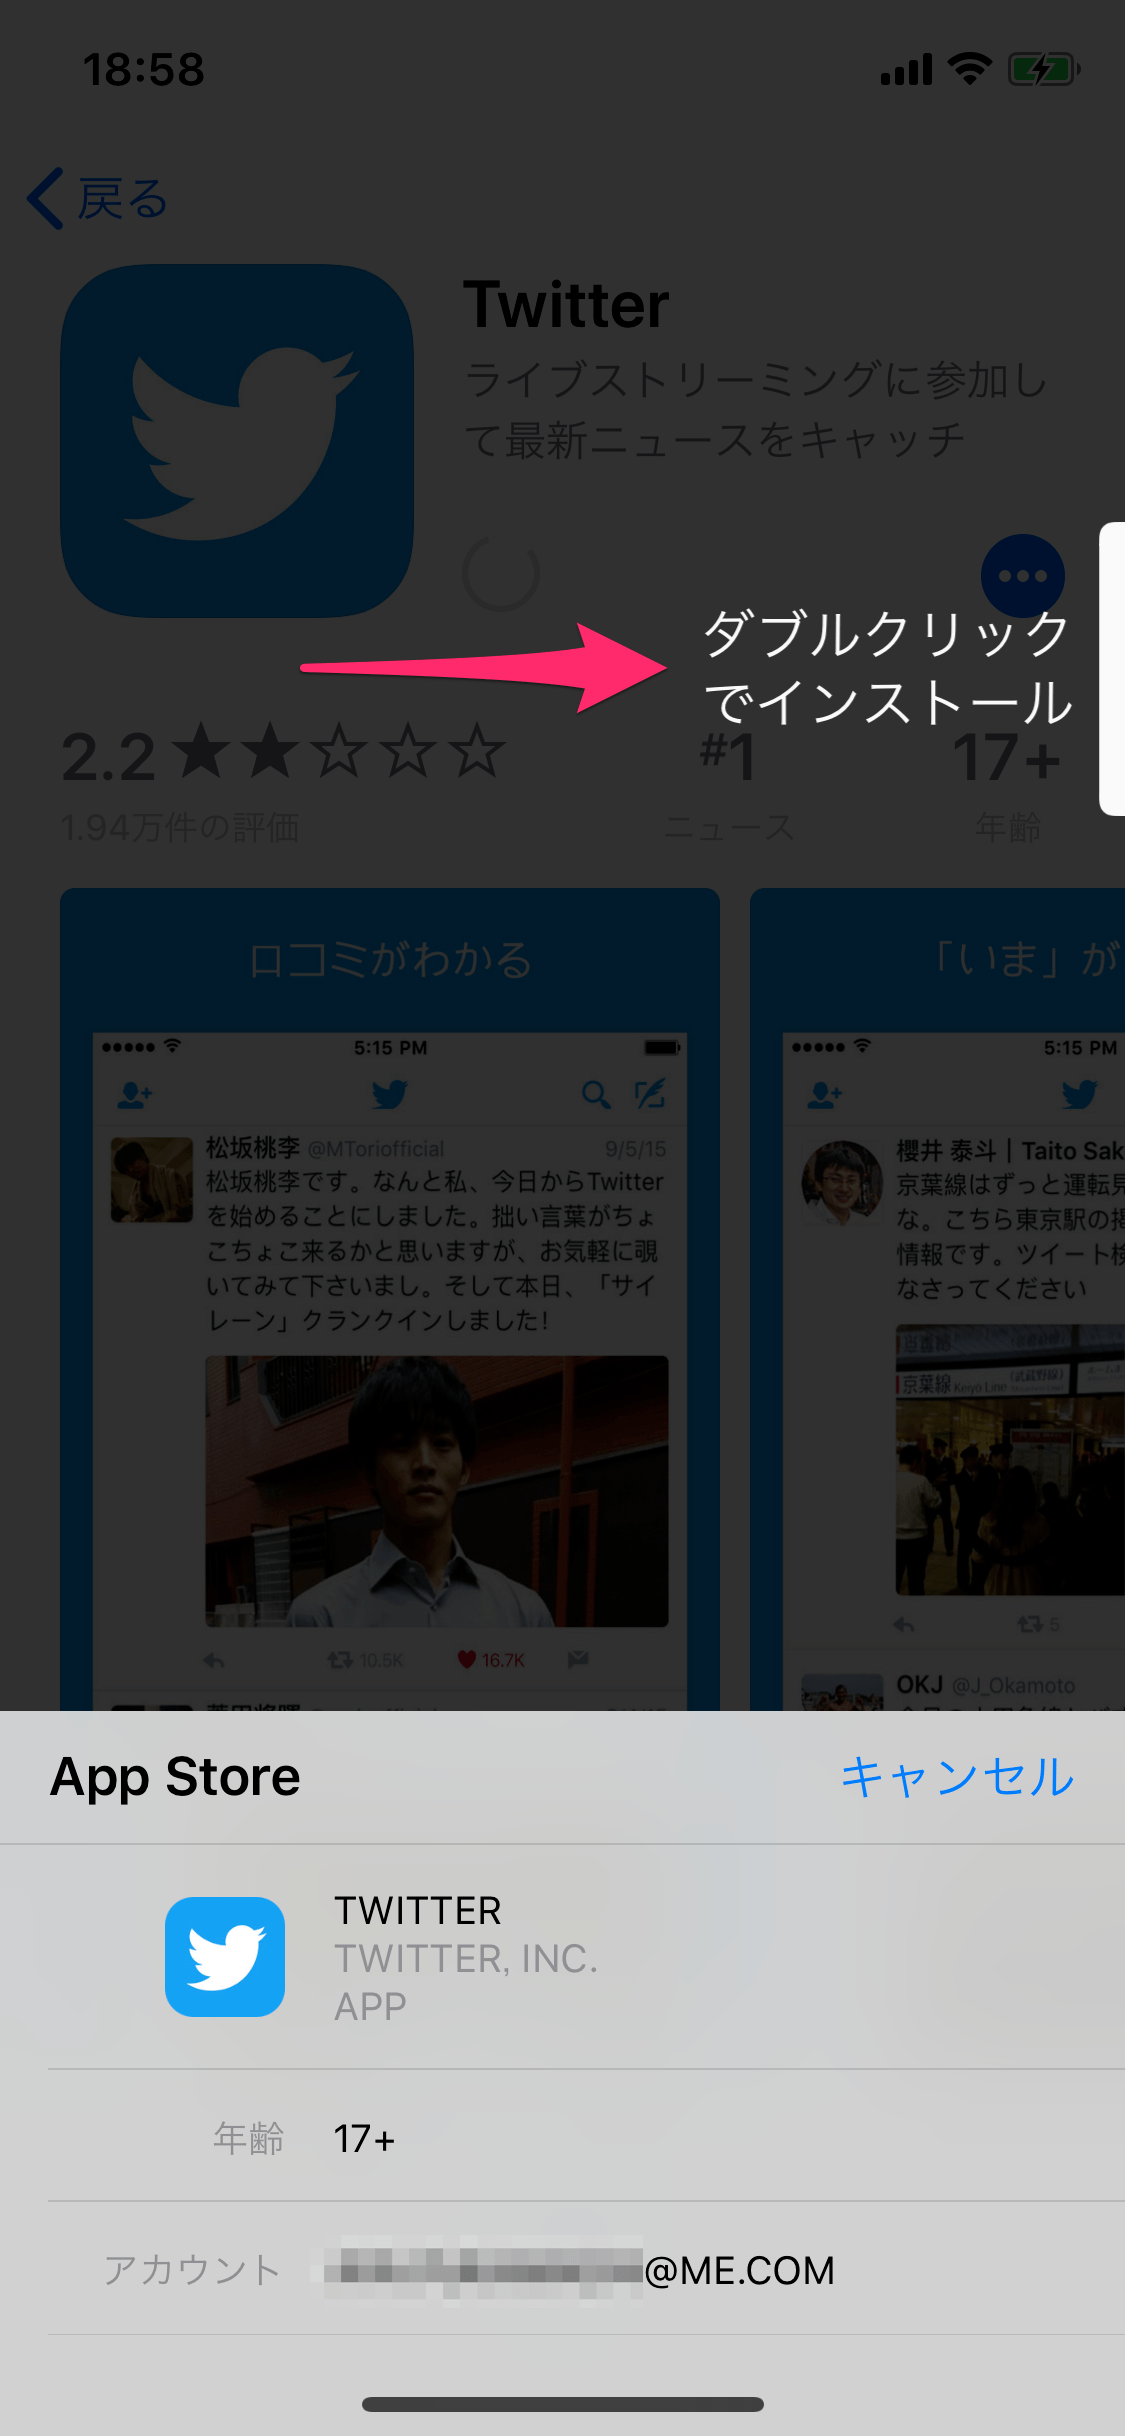 【iPhone X】顔認証機能「Face ID」の設定と使い方。ロック解除やアプリのダウンロードが快適に!